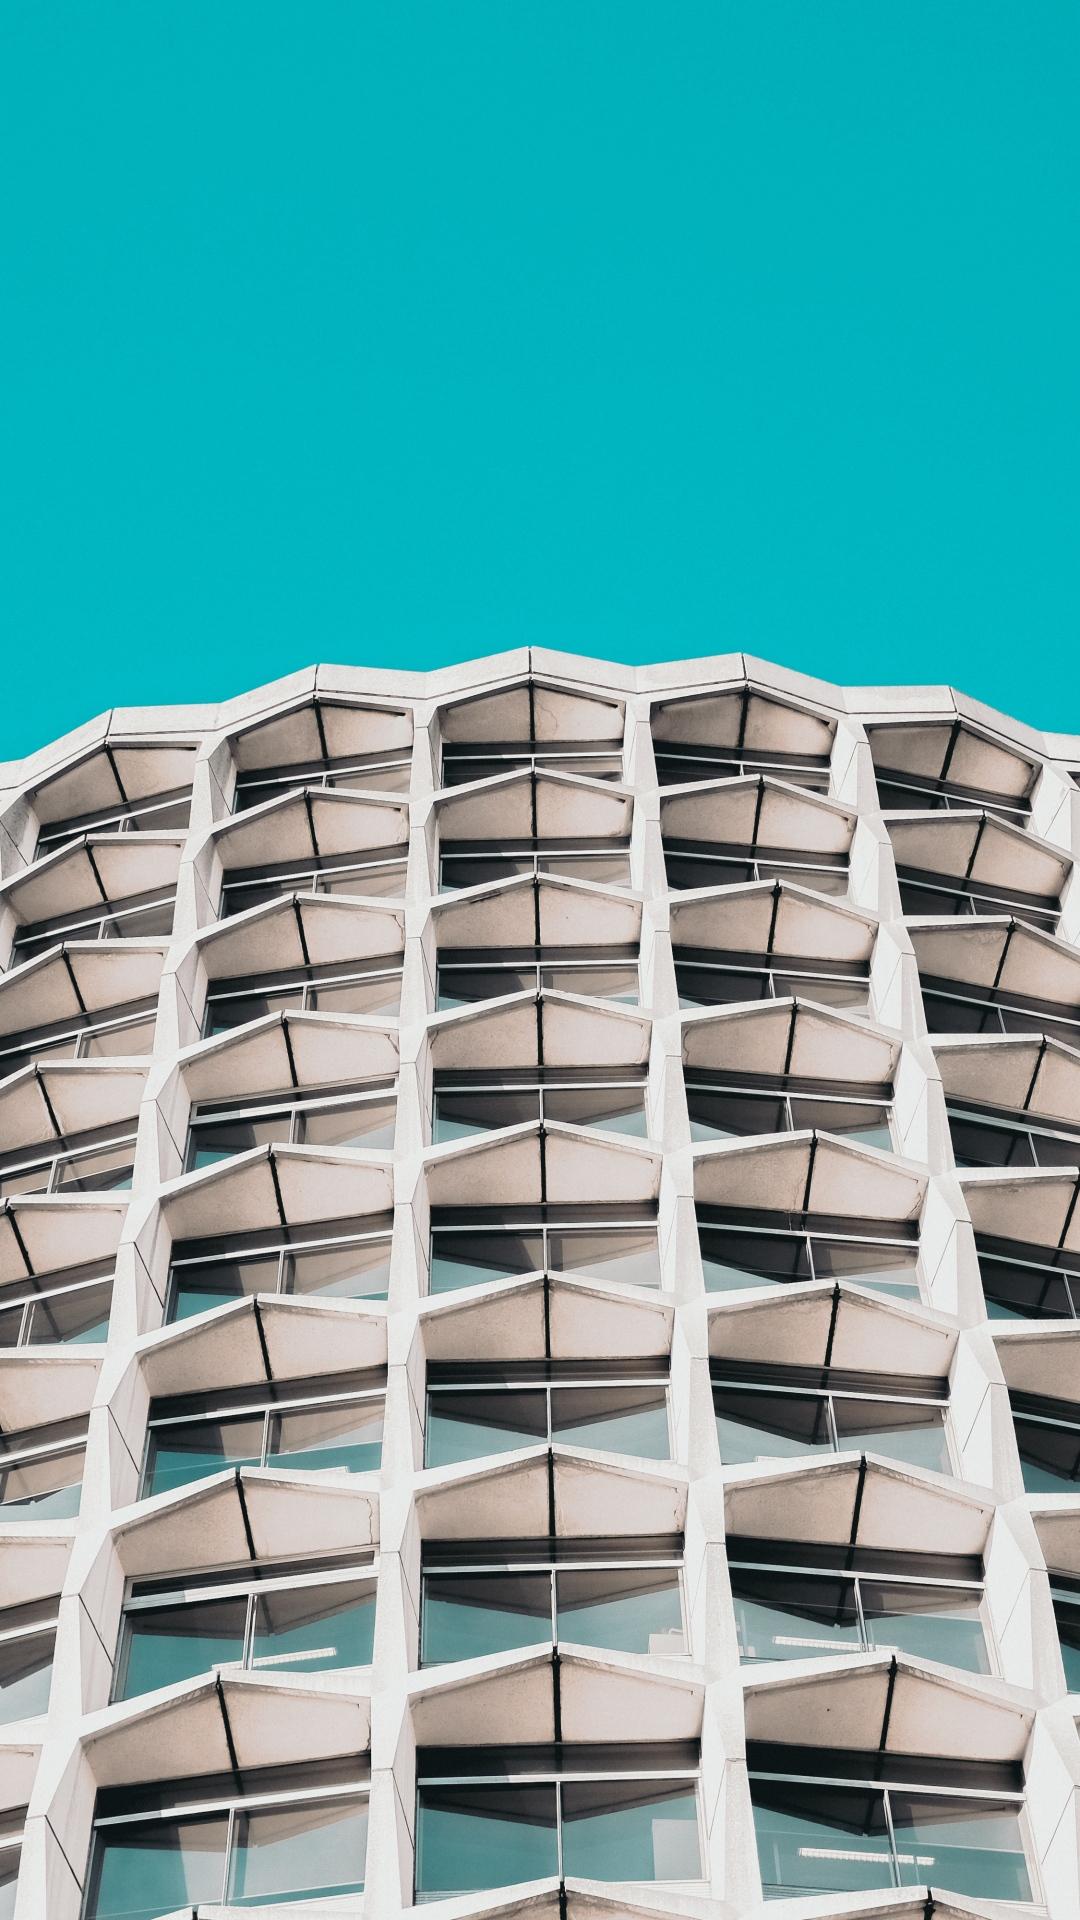 iphone wallpaper building facade architecture sky design 3Wallpapers : notre sélection de fonds décran iPhone du 20/08/2017